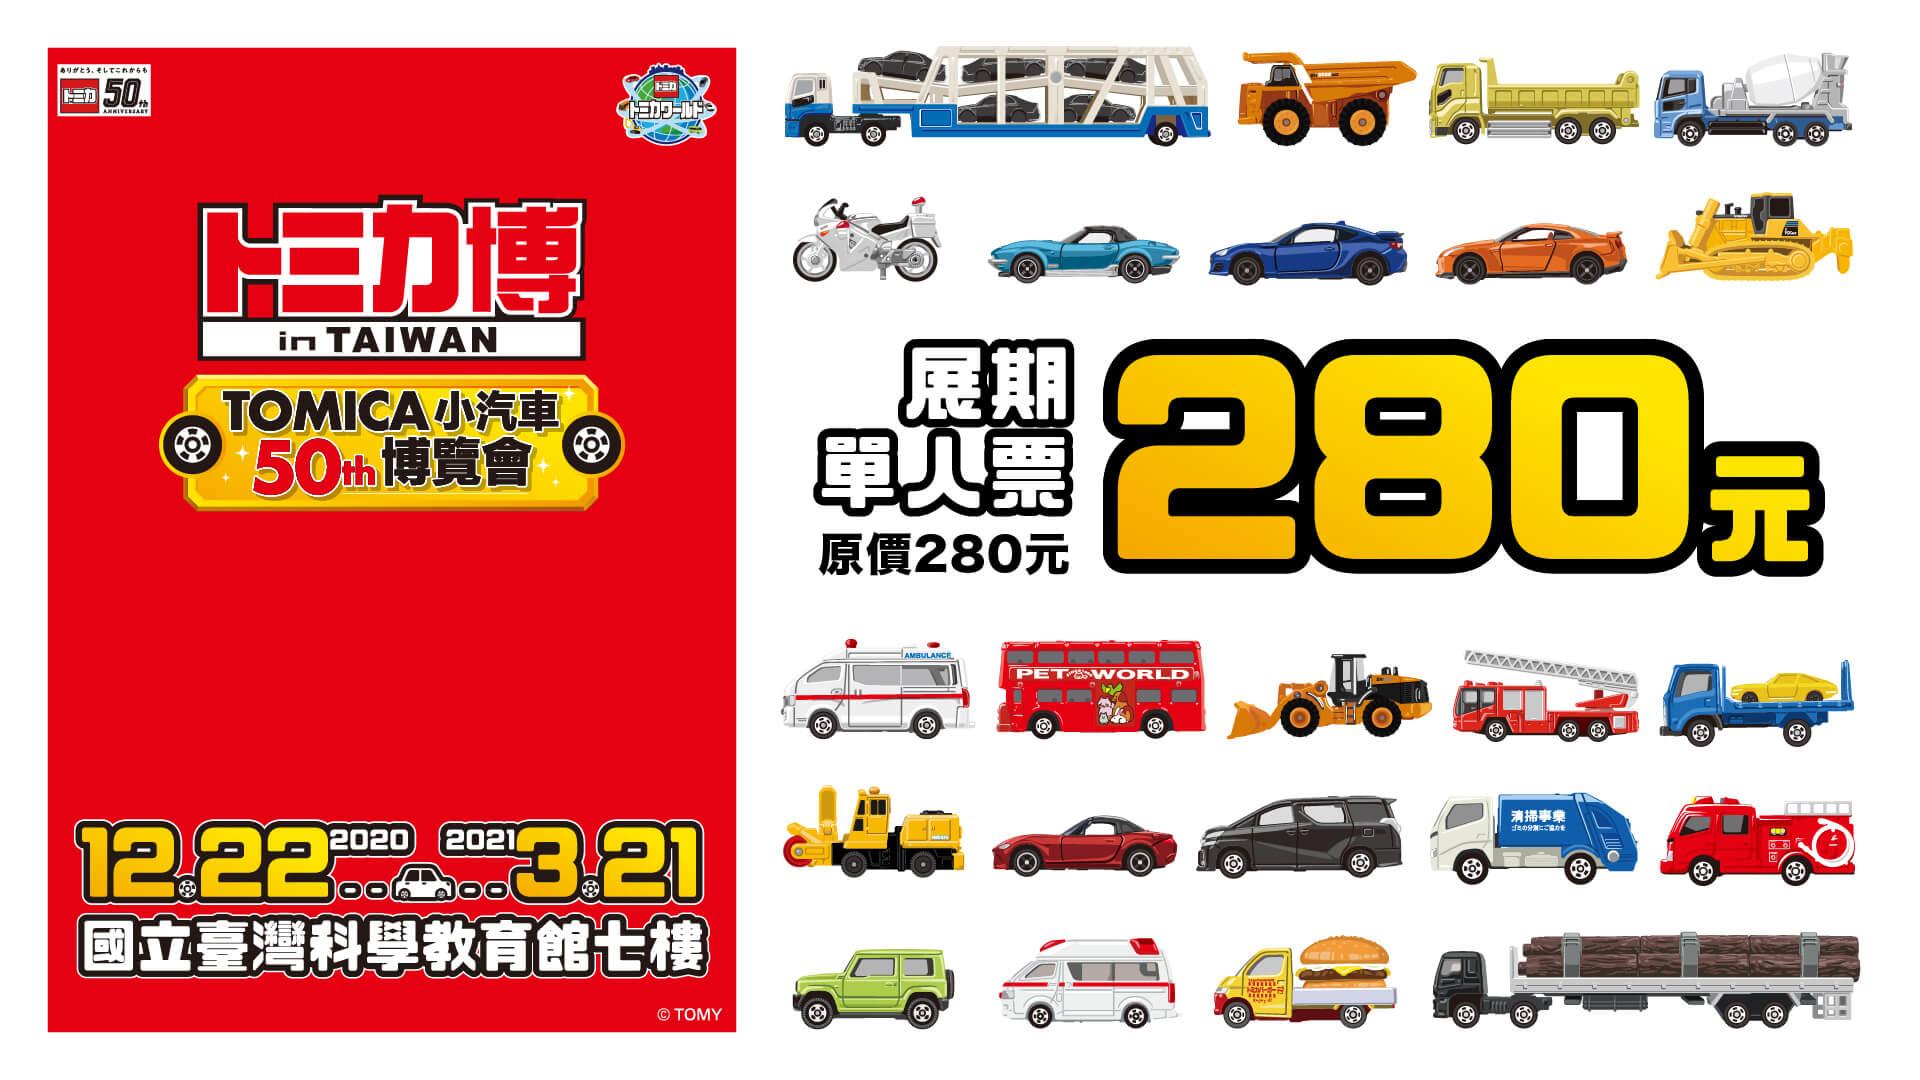 TOMICA小汽車50週年博覽會